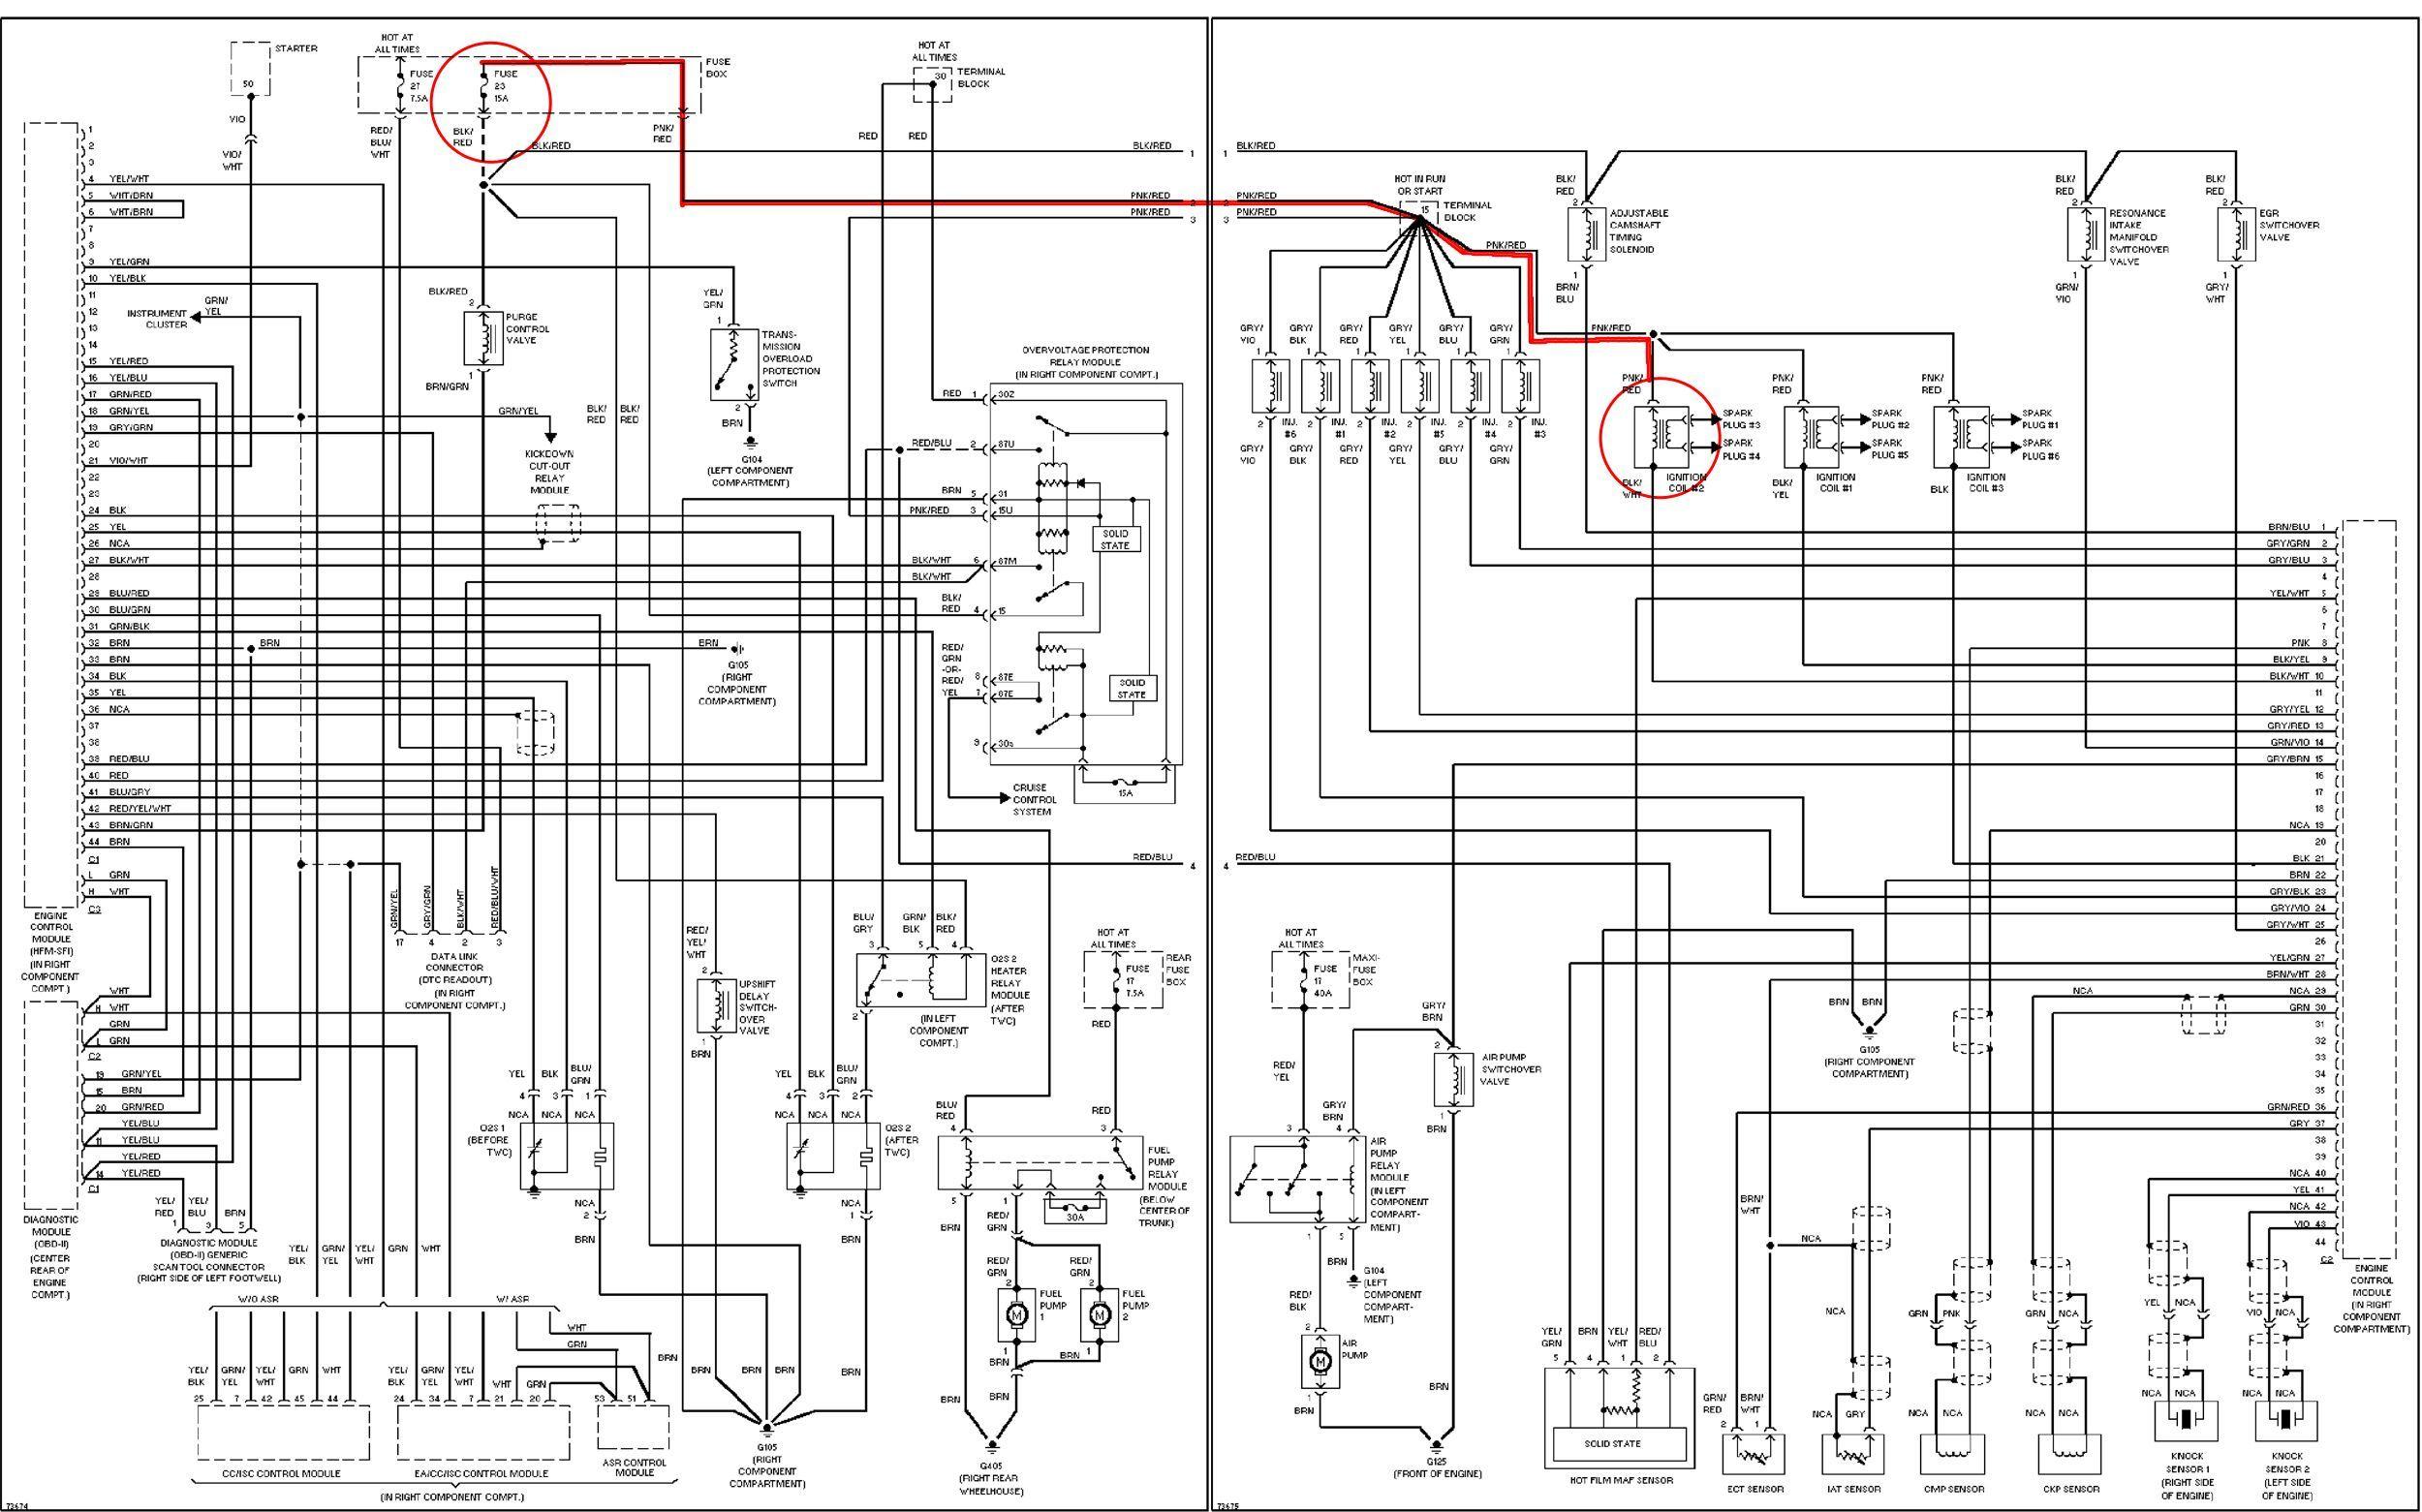 K1BLM To Mercedes Benz Wiring Diagram | wiring schematics